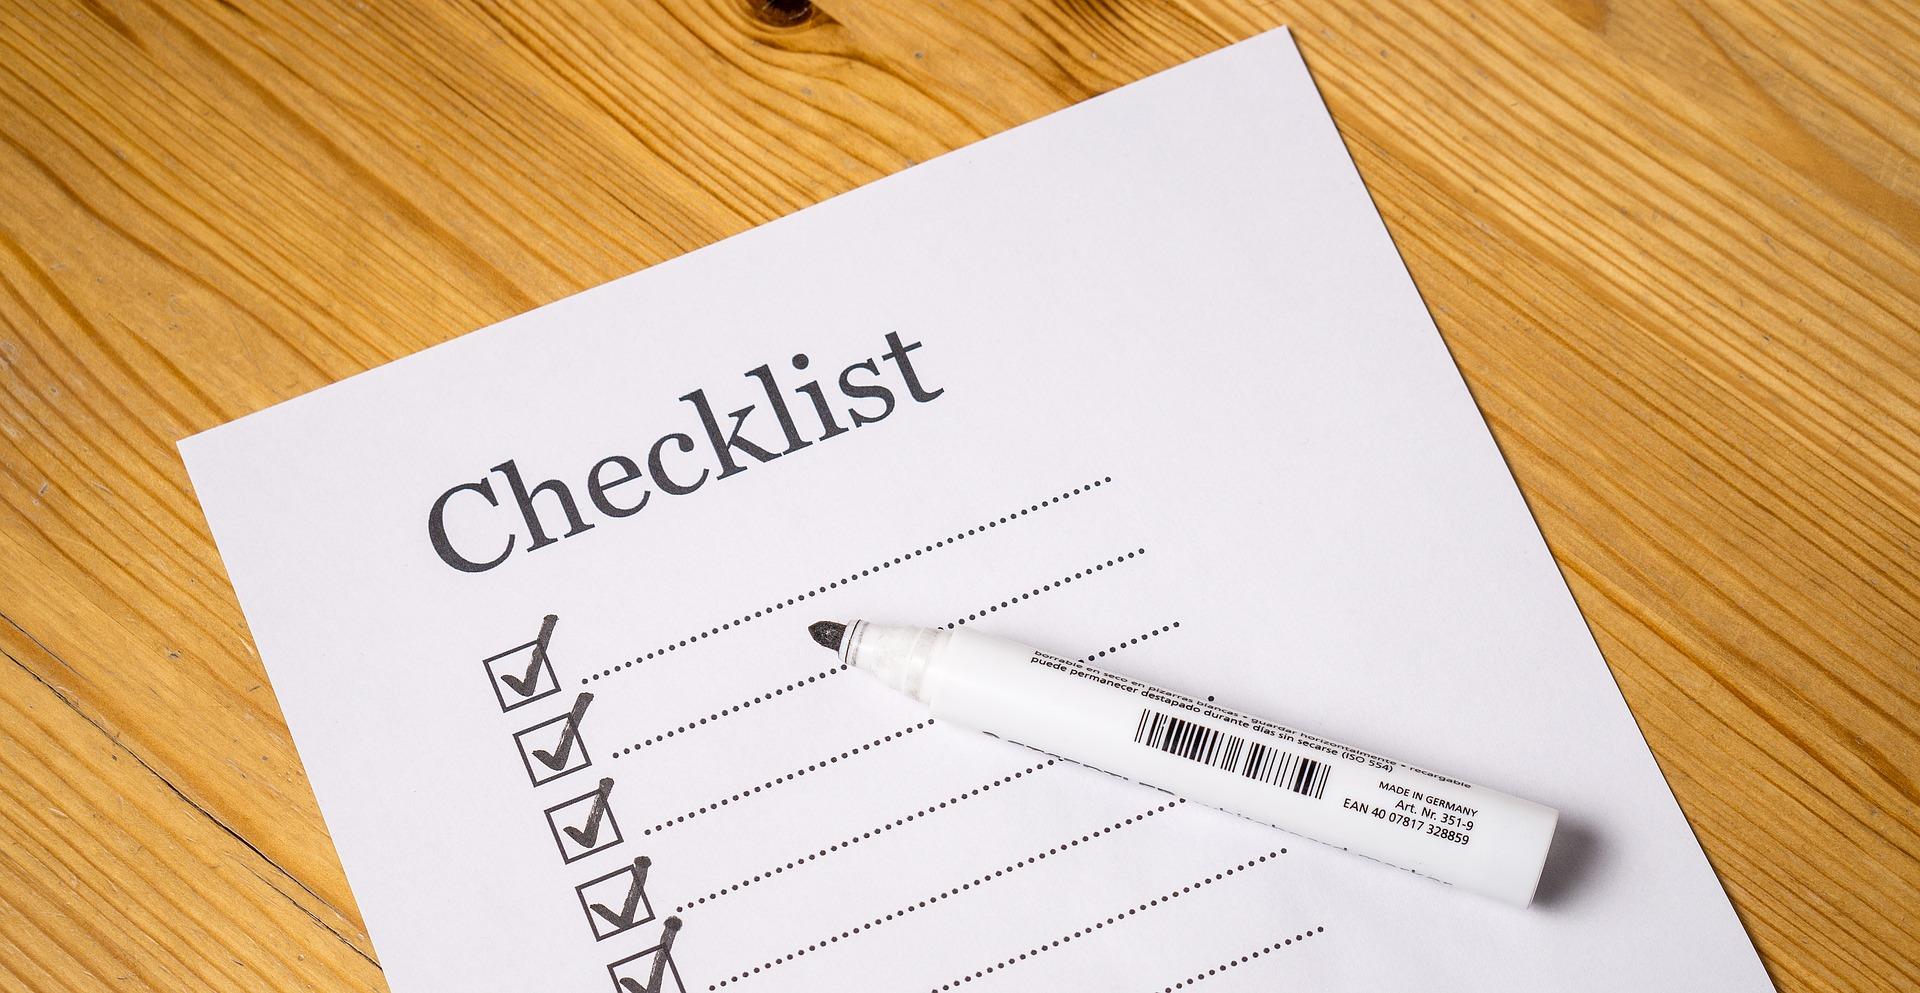 調剤薬局で薬の在庫が不足または無い時に知っておきたい4つの対処法